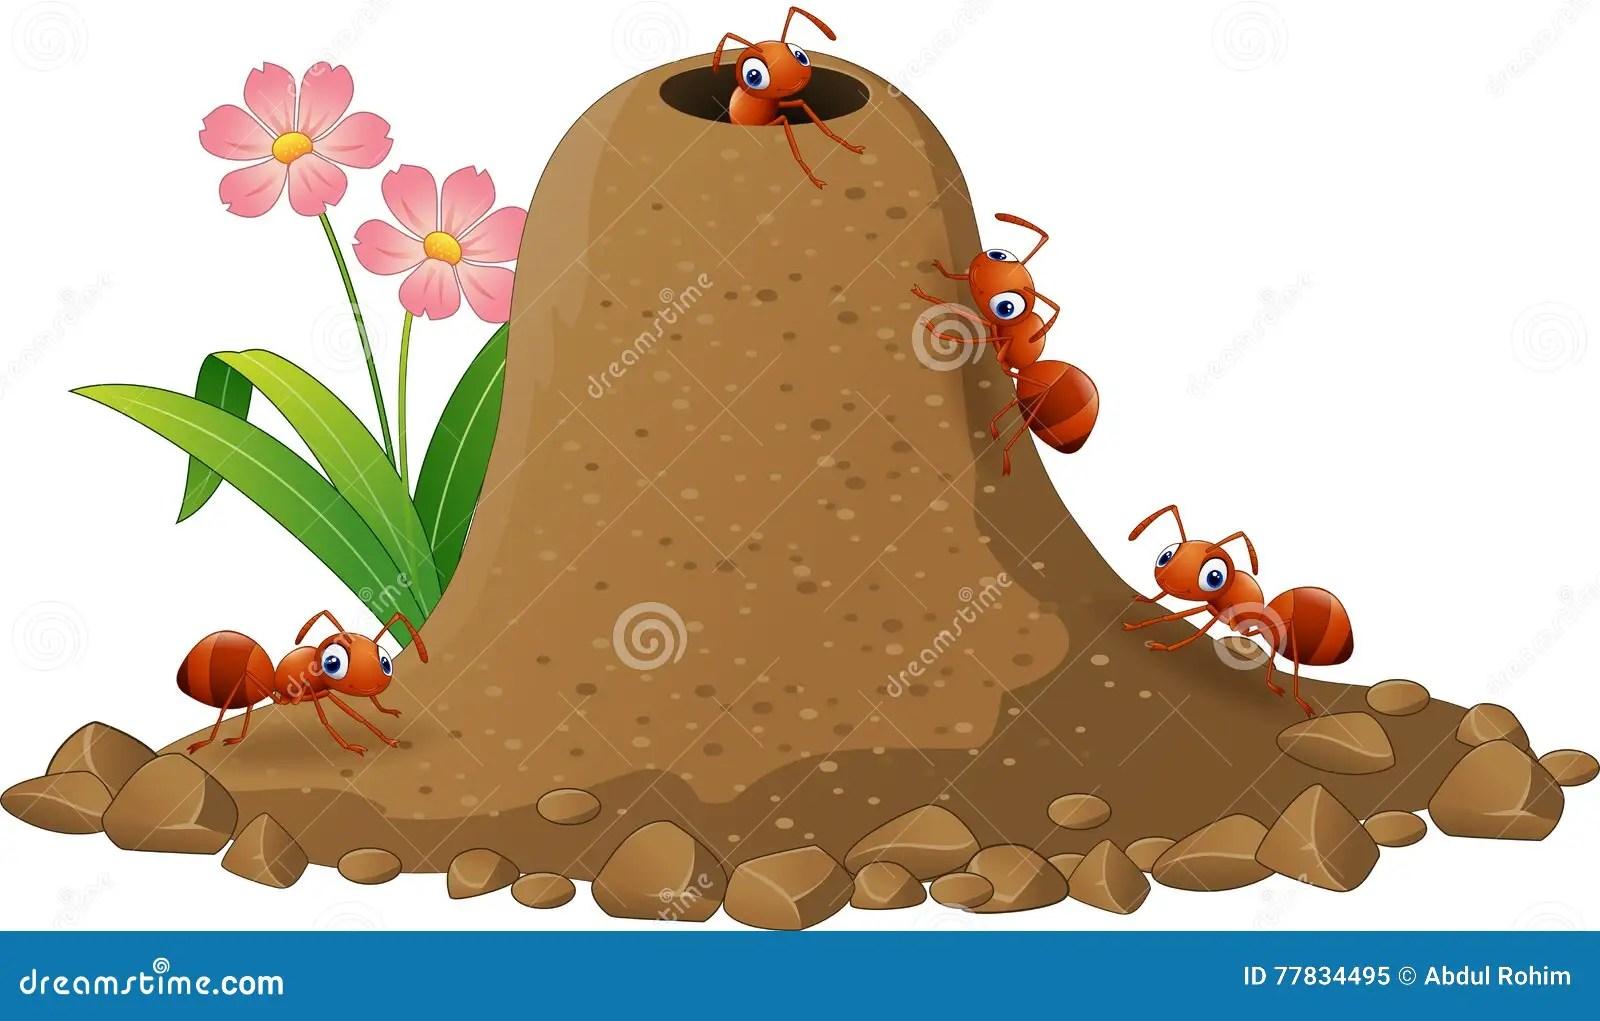 Cartoon Ant Stock Photo